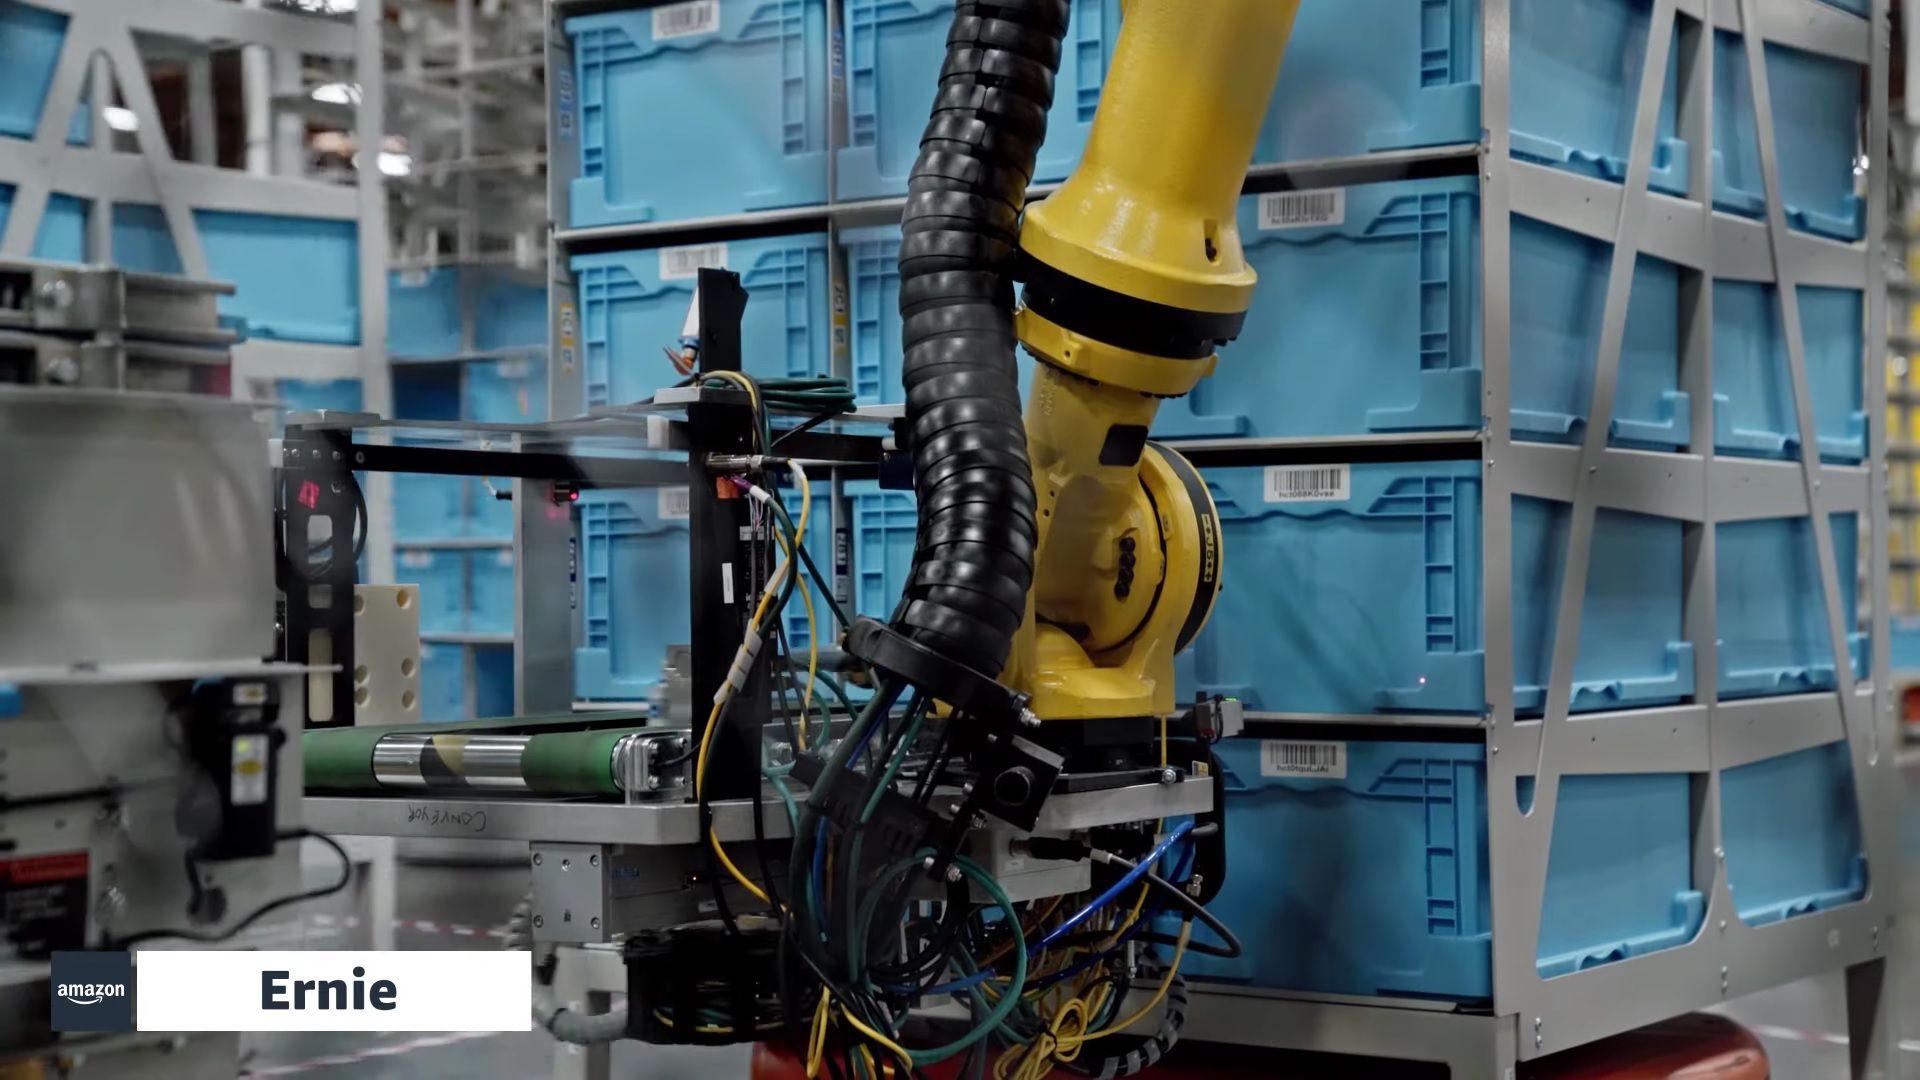 El robot Ernie entrega cajones a los empleados en un centro logístico de Amazon